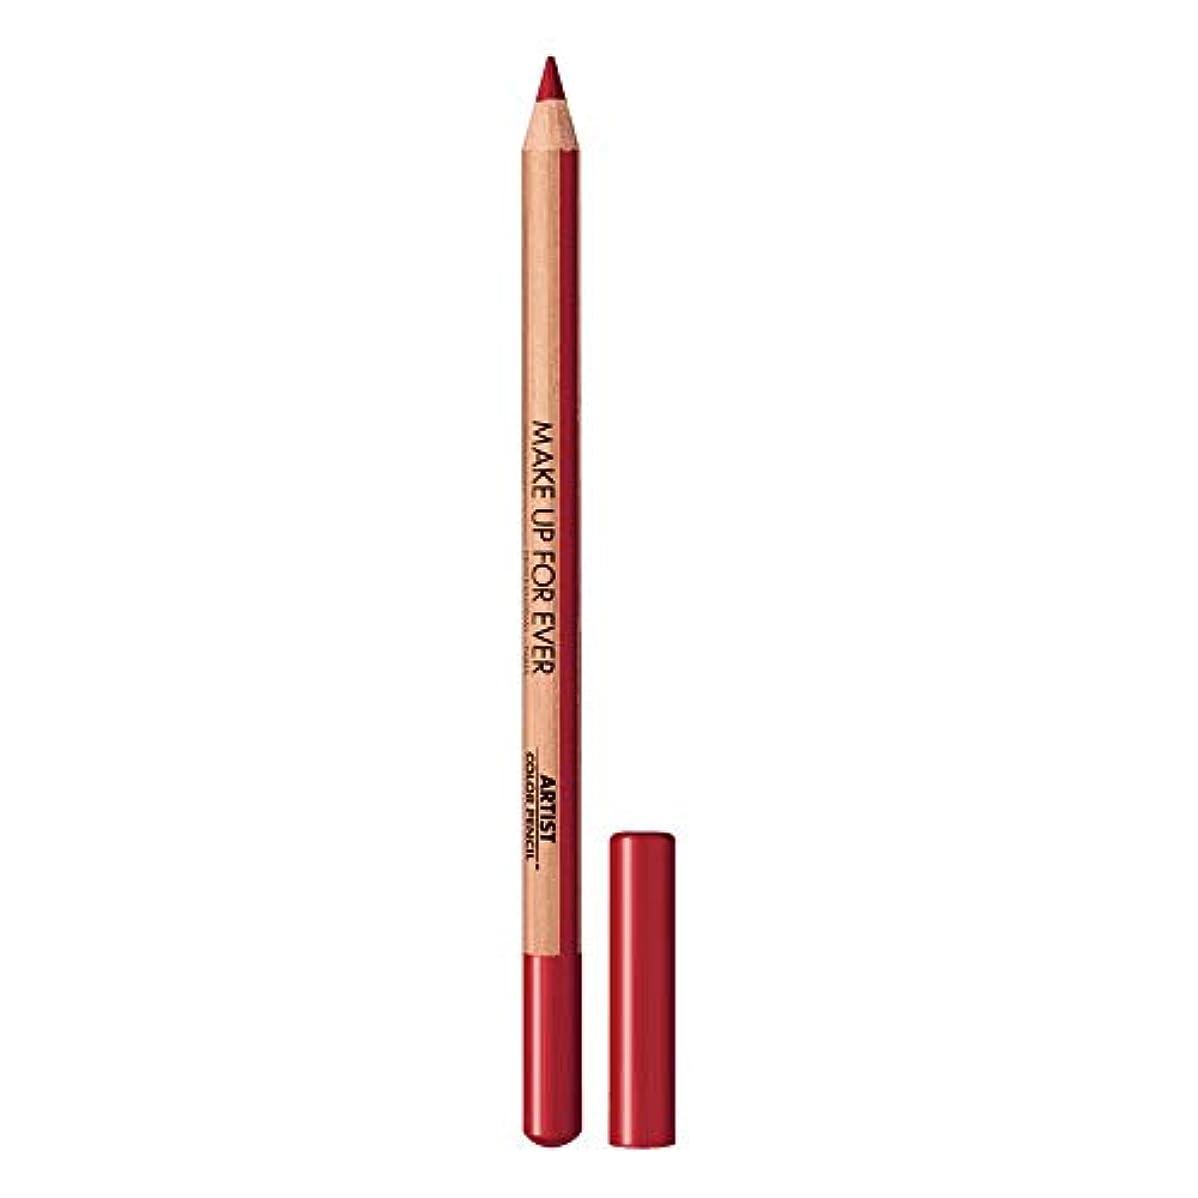 不適滞在経験メイクアップフォーエバー Artist Color Pencil - # 712 Either Cherry 1.41g/0.04oz並行輸入品